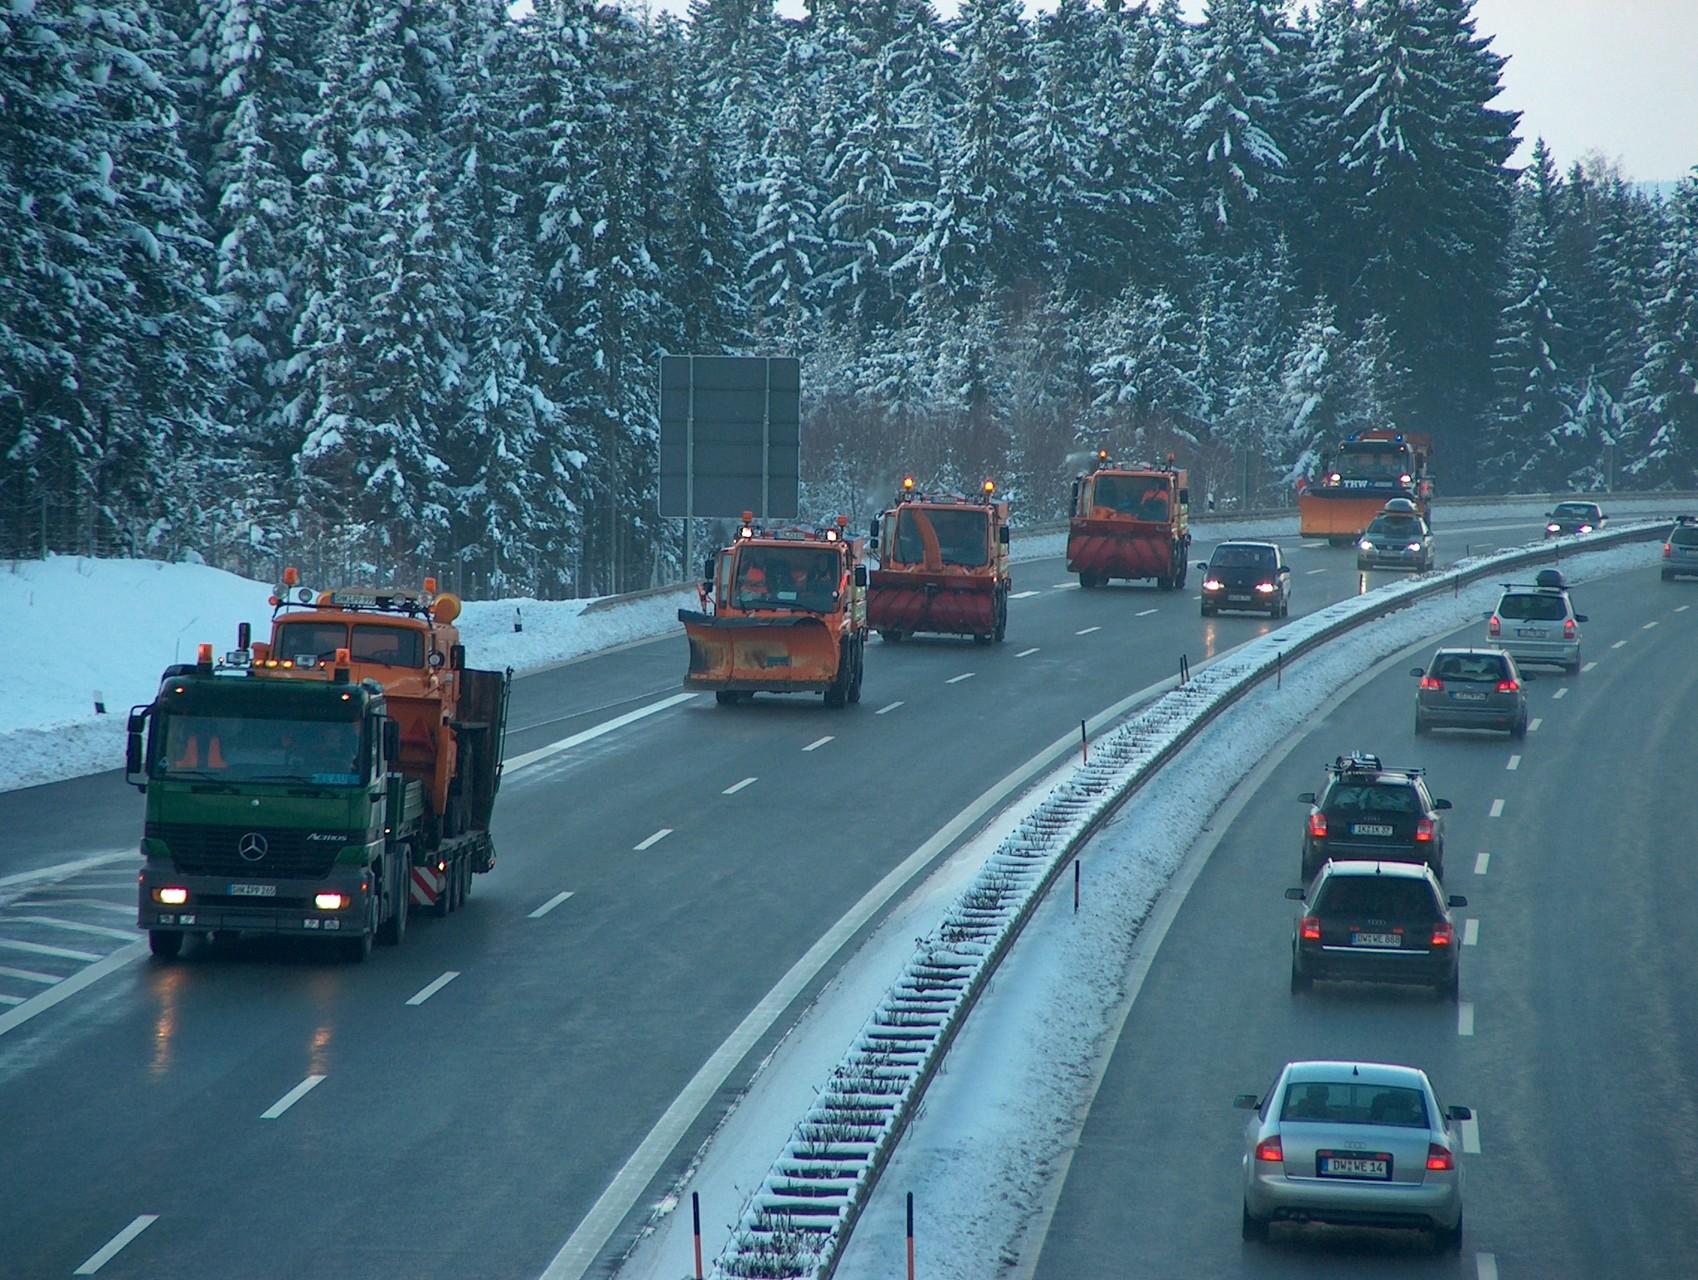 Straßenwinterdienst auf Autobahnen, Landes- und Bundesstraßen